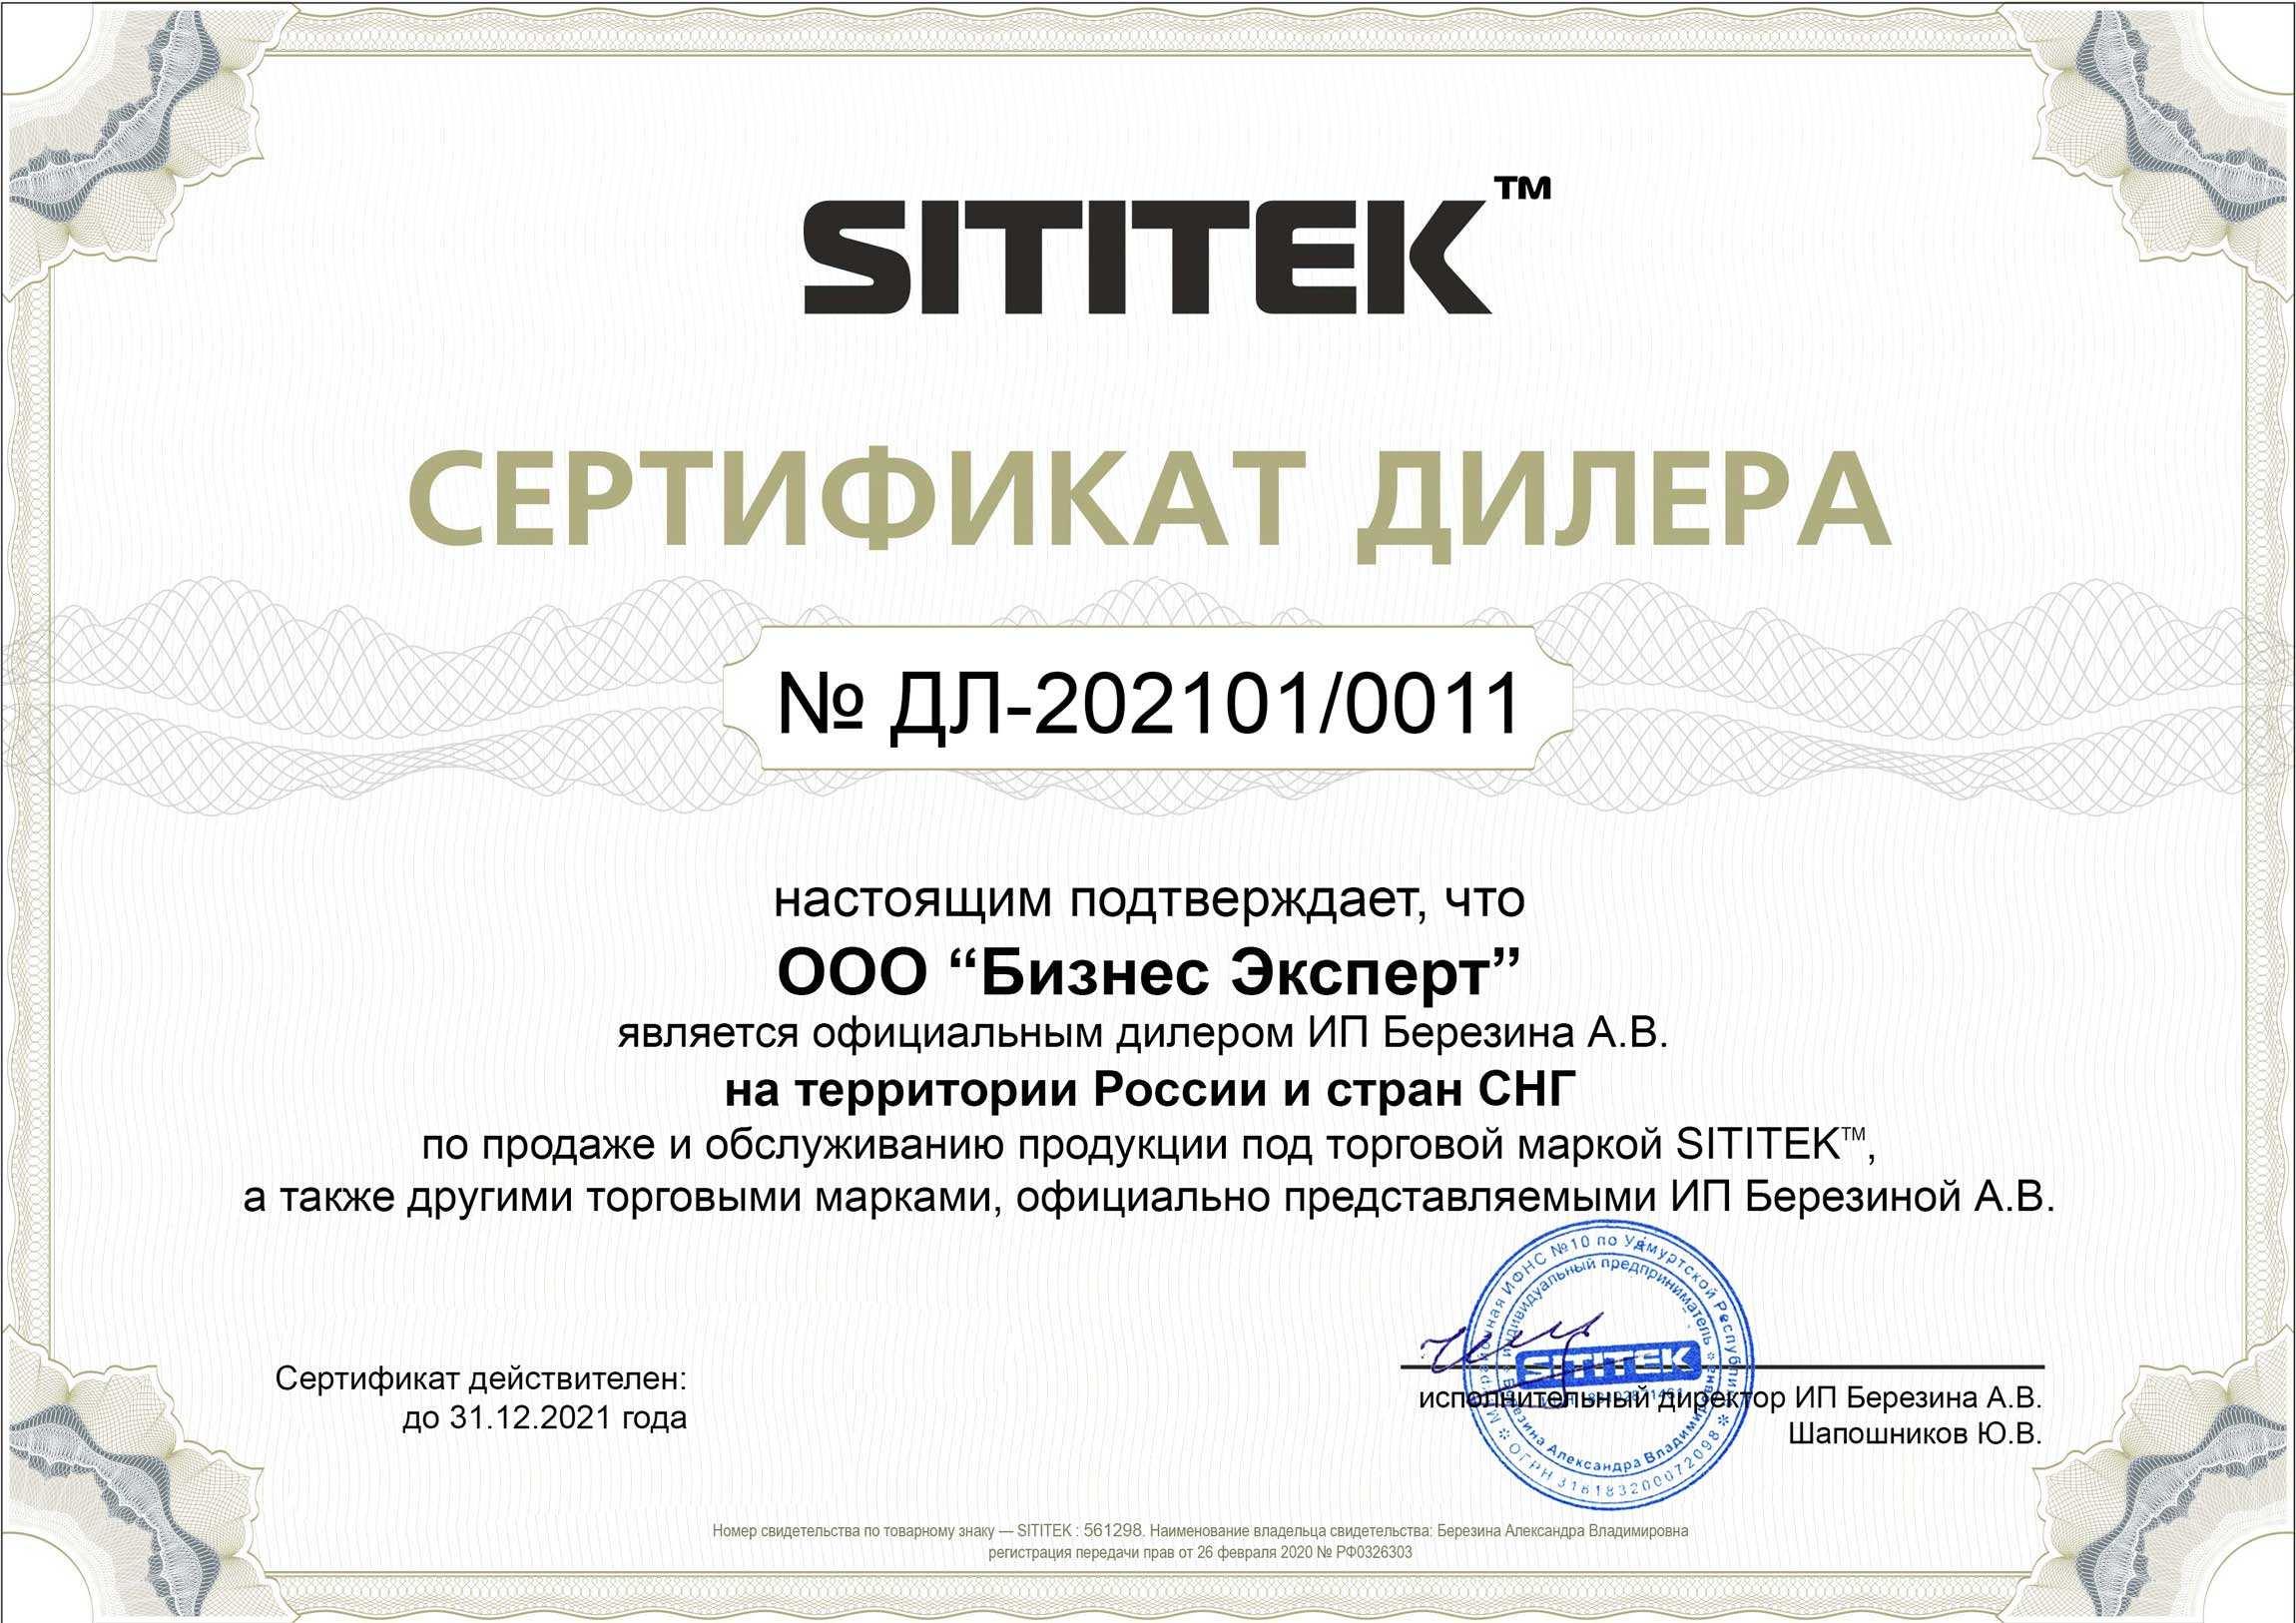 Сертификат дилера, согласно которому наш магазин является официальной точкой продаж и обслуживания изделий компании Sititek